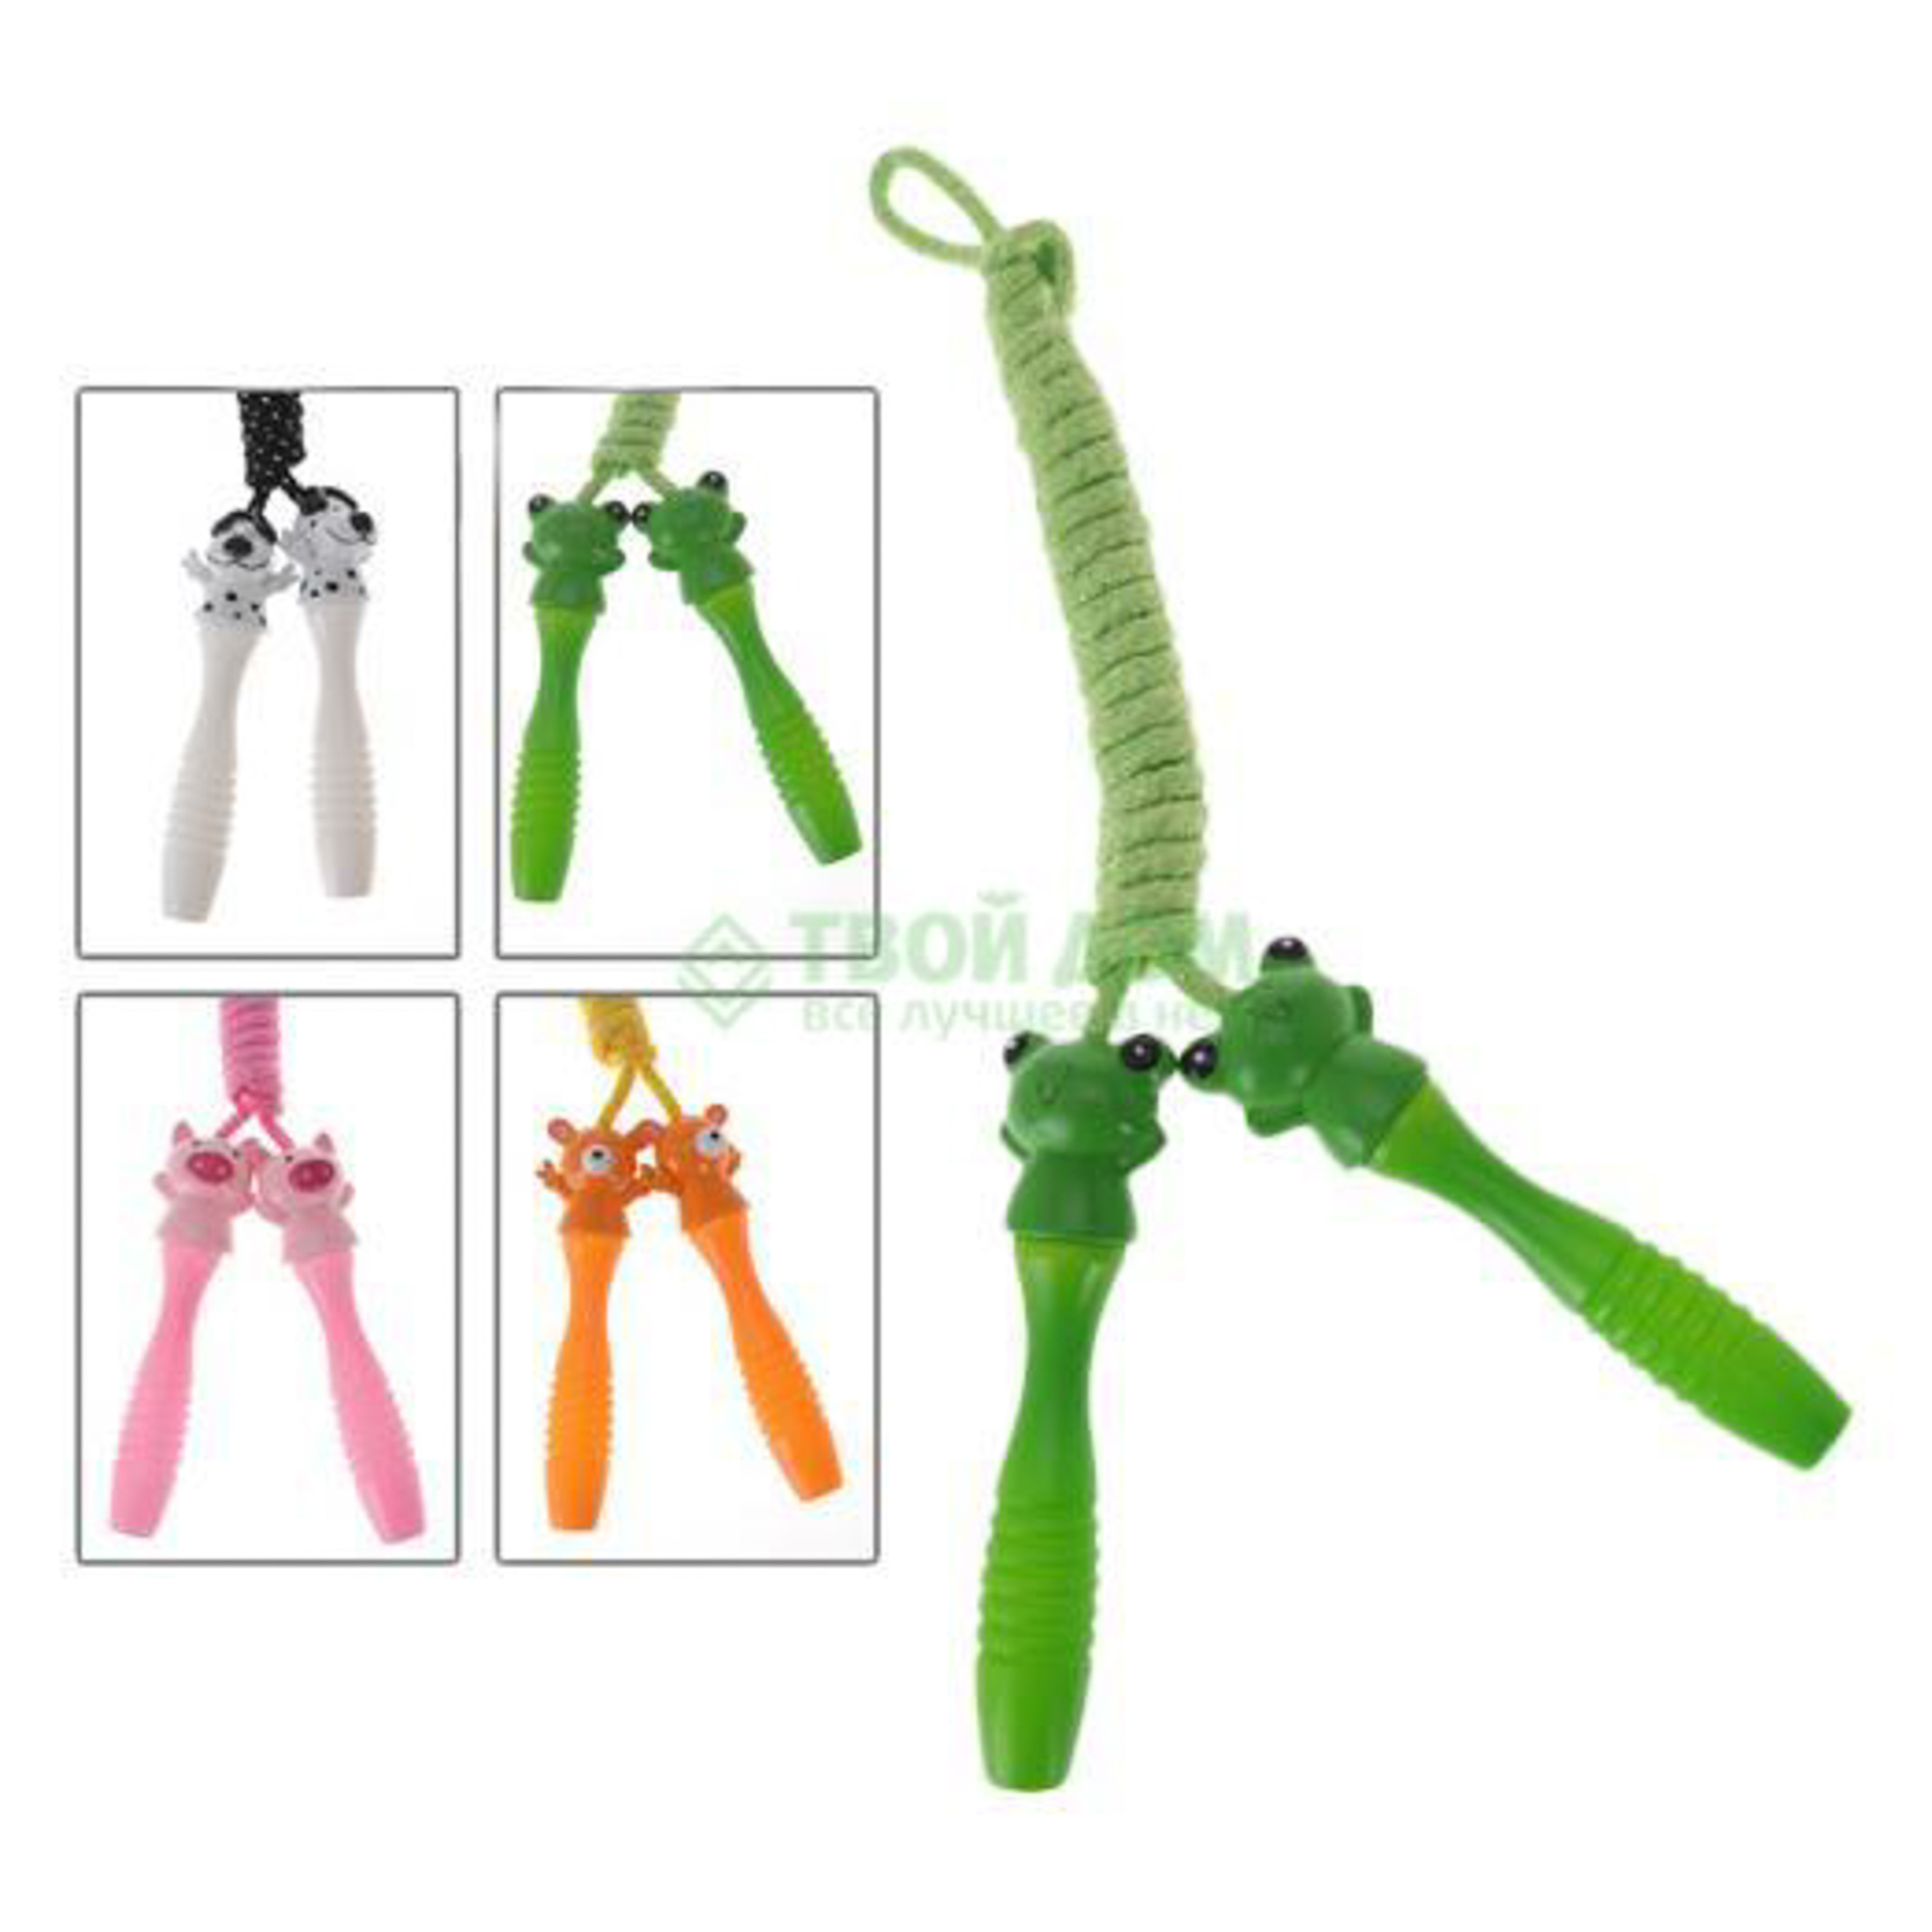 Купить Скакалка 210 см Koopman NY (W17280290), Китай, розовый, зелёный, белый, оранжевый, пластик, Настольные игры